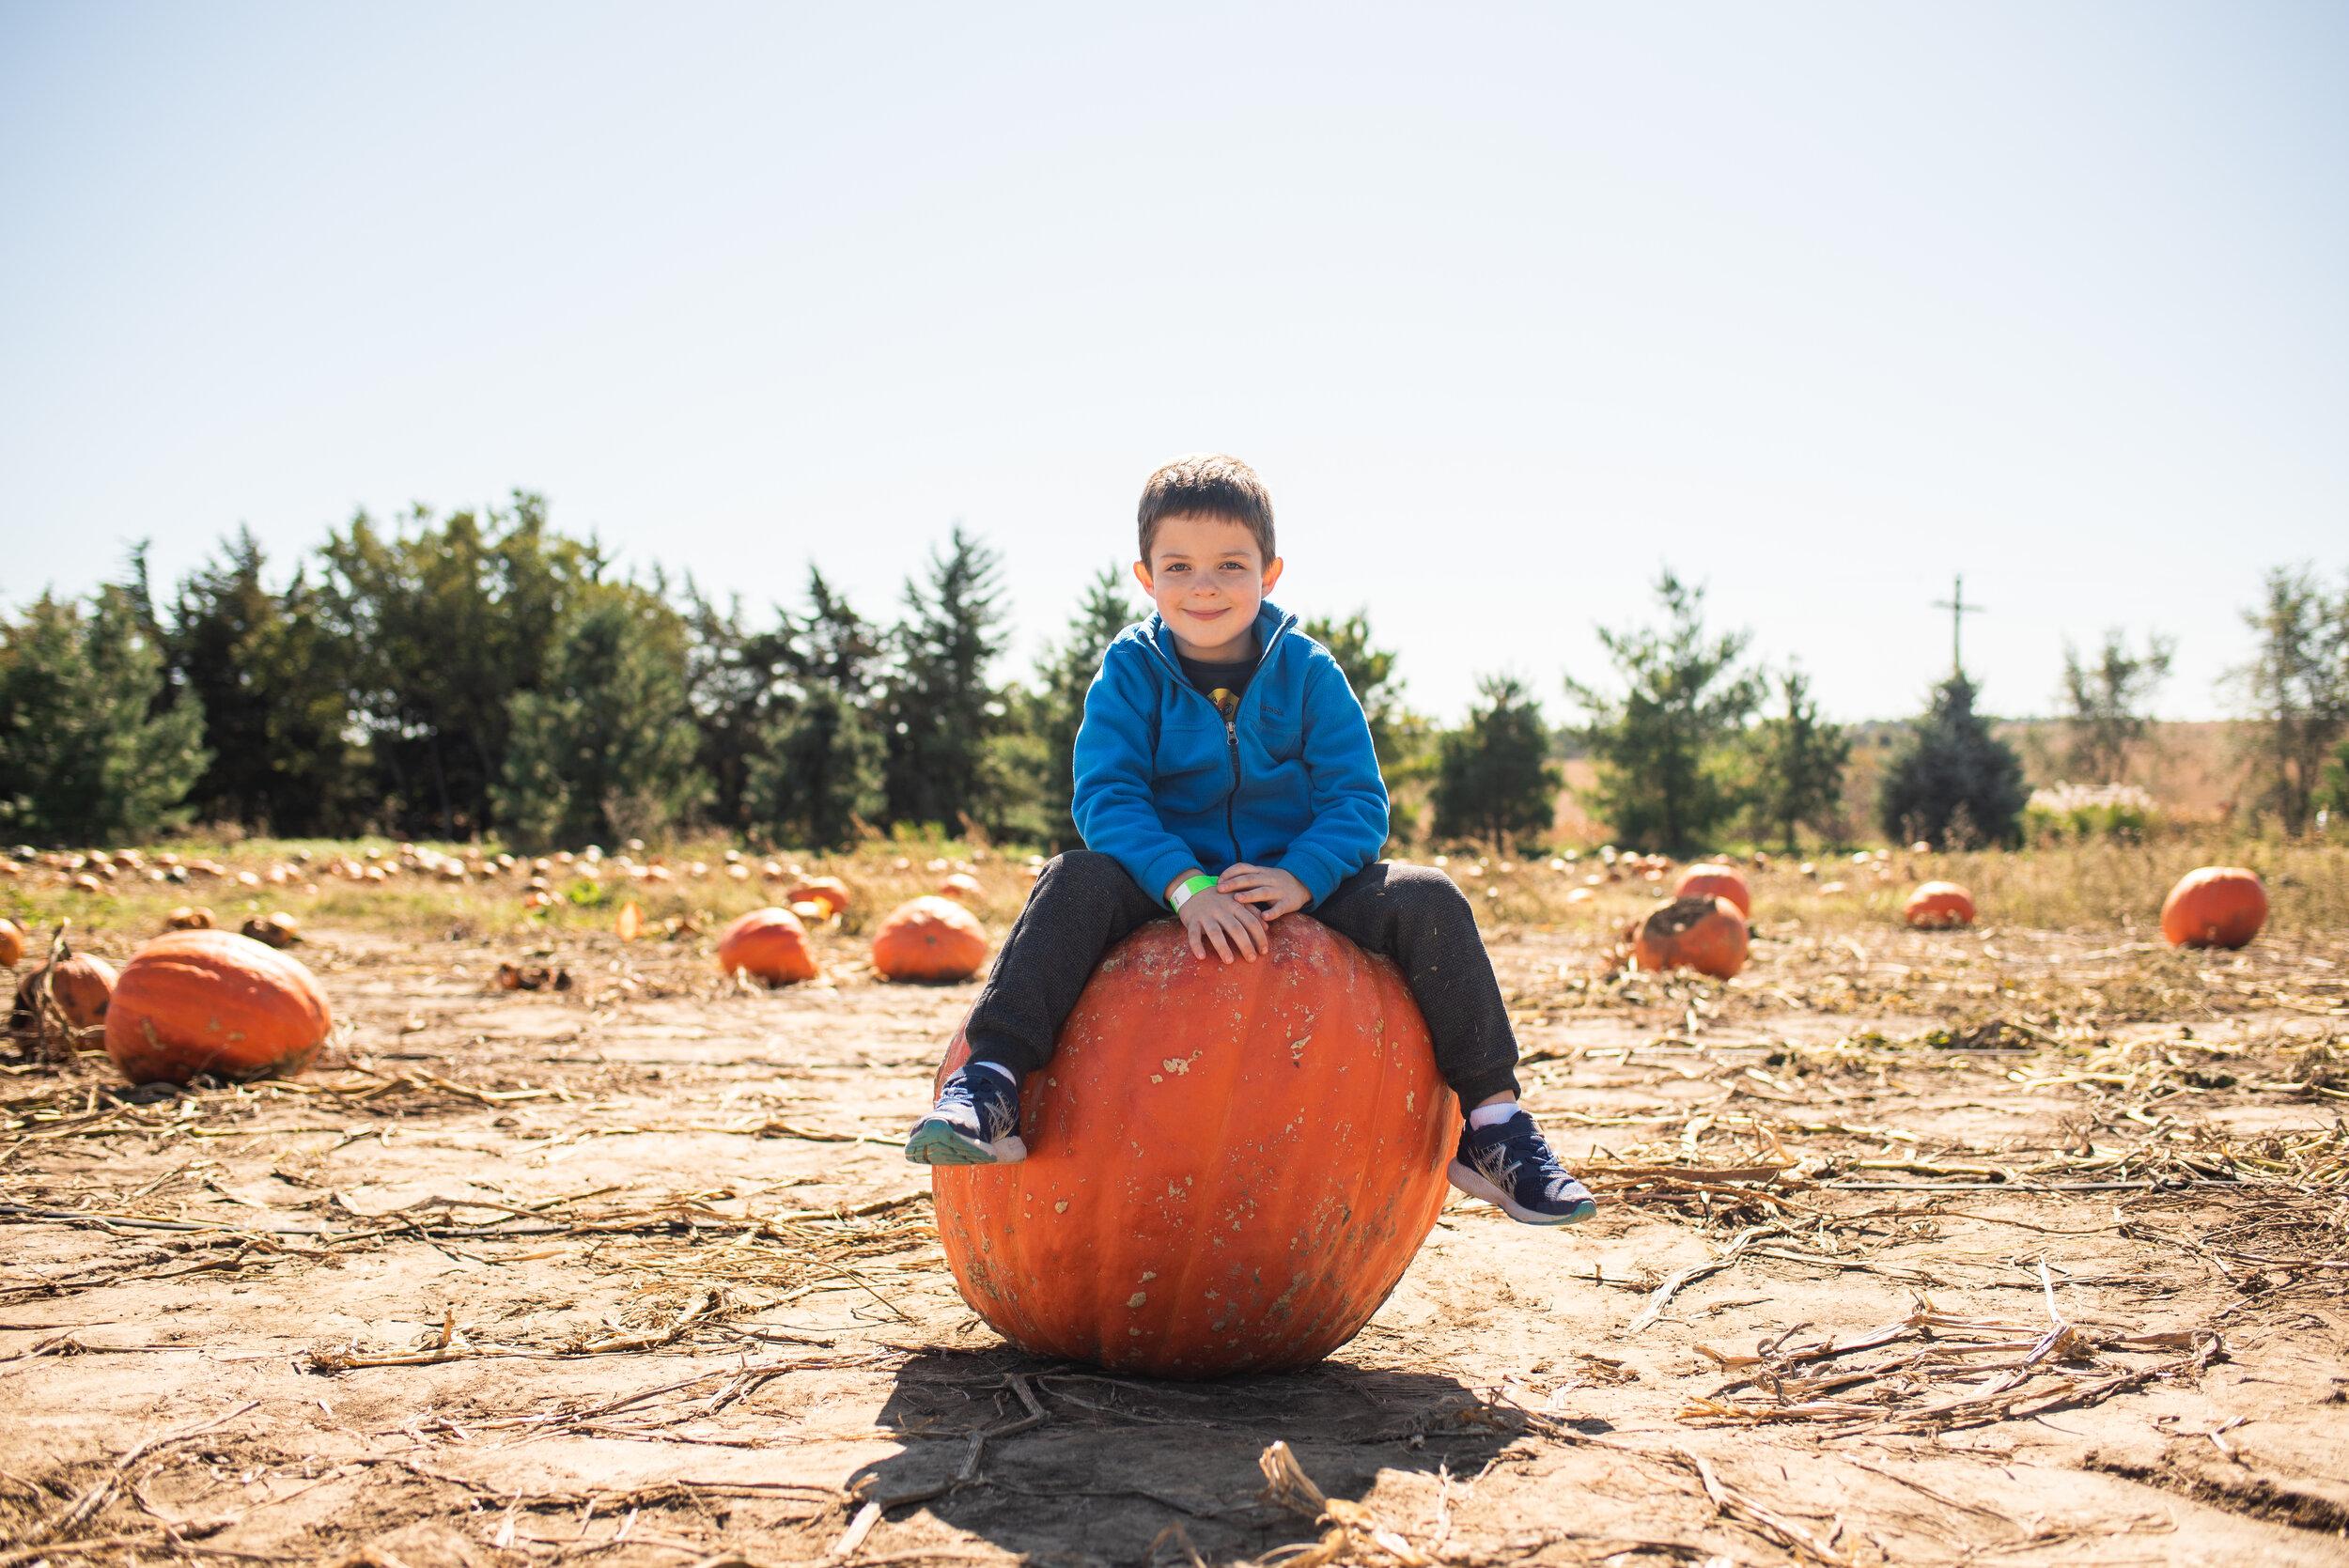 week 41 Misty Prochaska Lincoln Nebraska Project 365-5.jpg